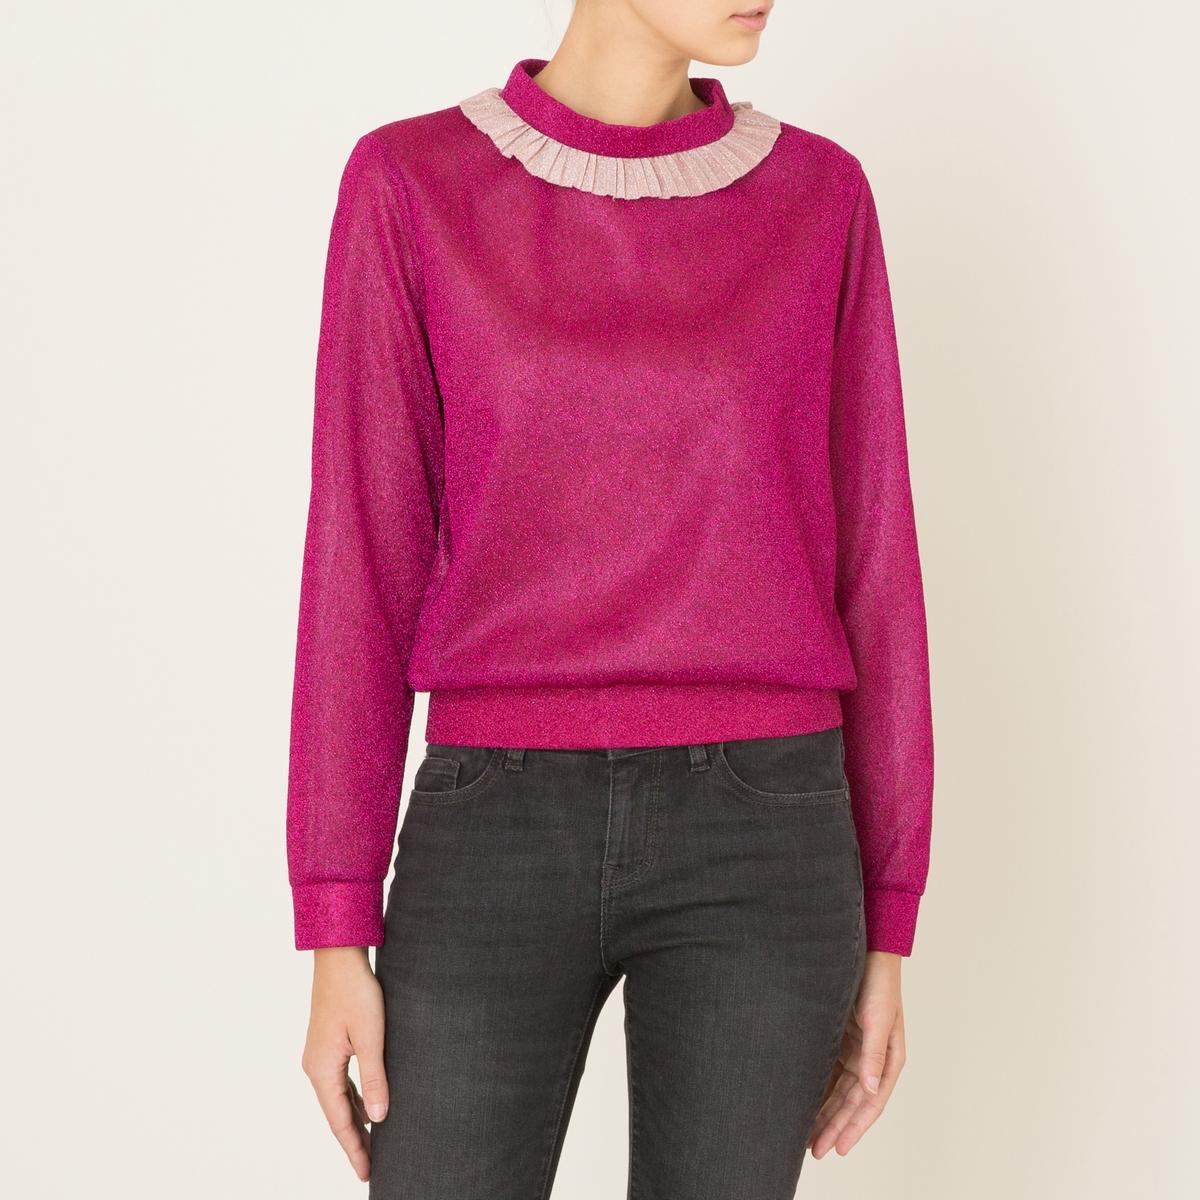 Пуловер с воротником с воланомСостав и описание            Материал : 60% полиамида, 40% люрекса           Волан: 68% полиамида, 32% полиэстера           Марка : SISTER JANE<br><br>Цвет: розовый